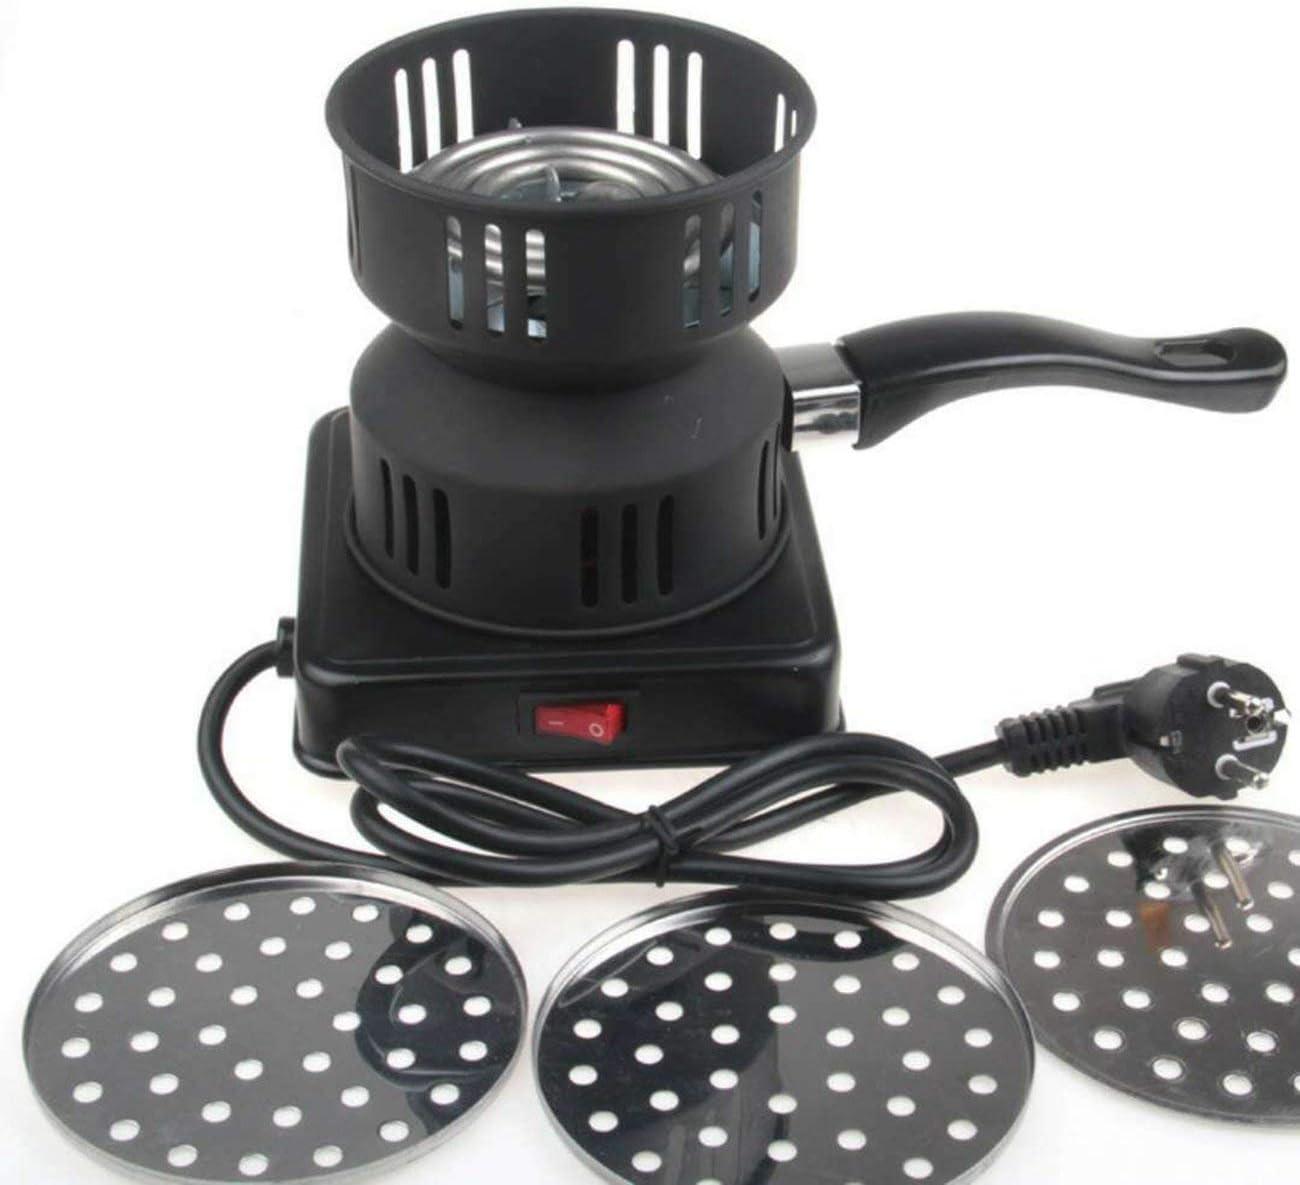 Quemador de carbón eléctrico Bandeja extraíble + Pinzas Estufa de carbón de leña espesada